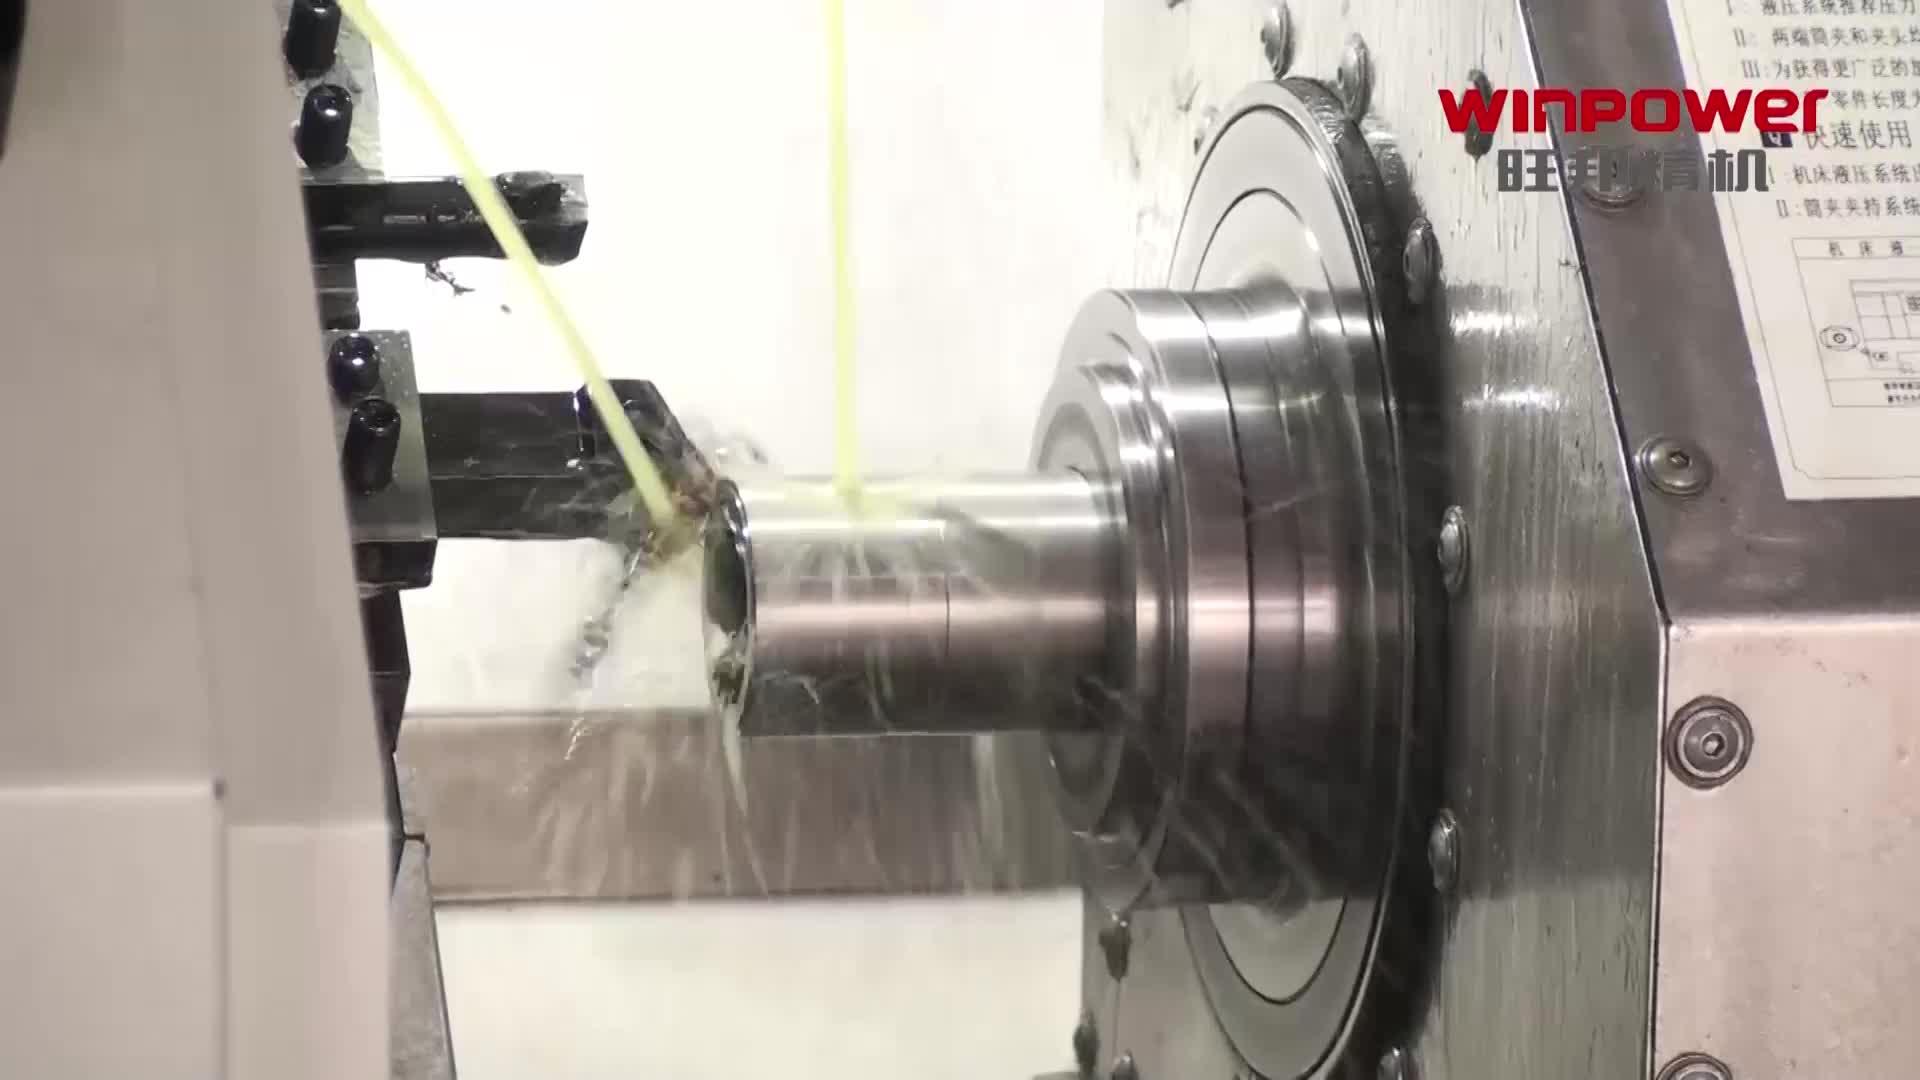 Winpower शीर्ष गुणवत्ता उच्च परिशुद्धता संख्यात्मक नियंत्रण चीन मशीन उपकरण उपकरण सीएनसी मशीन उपकरण